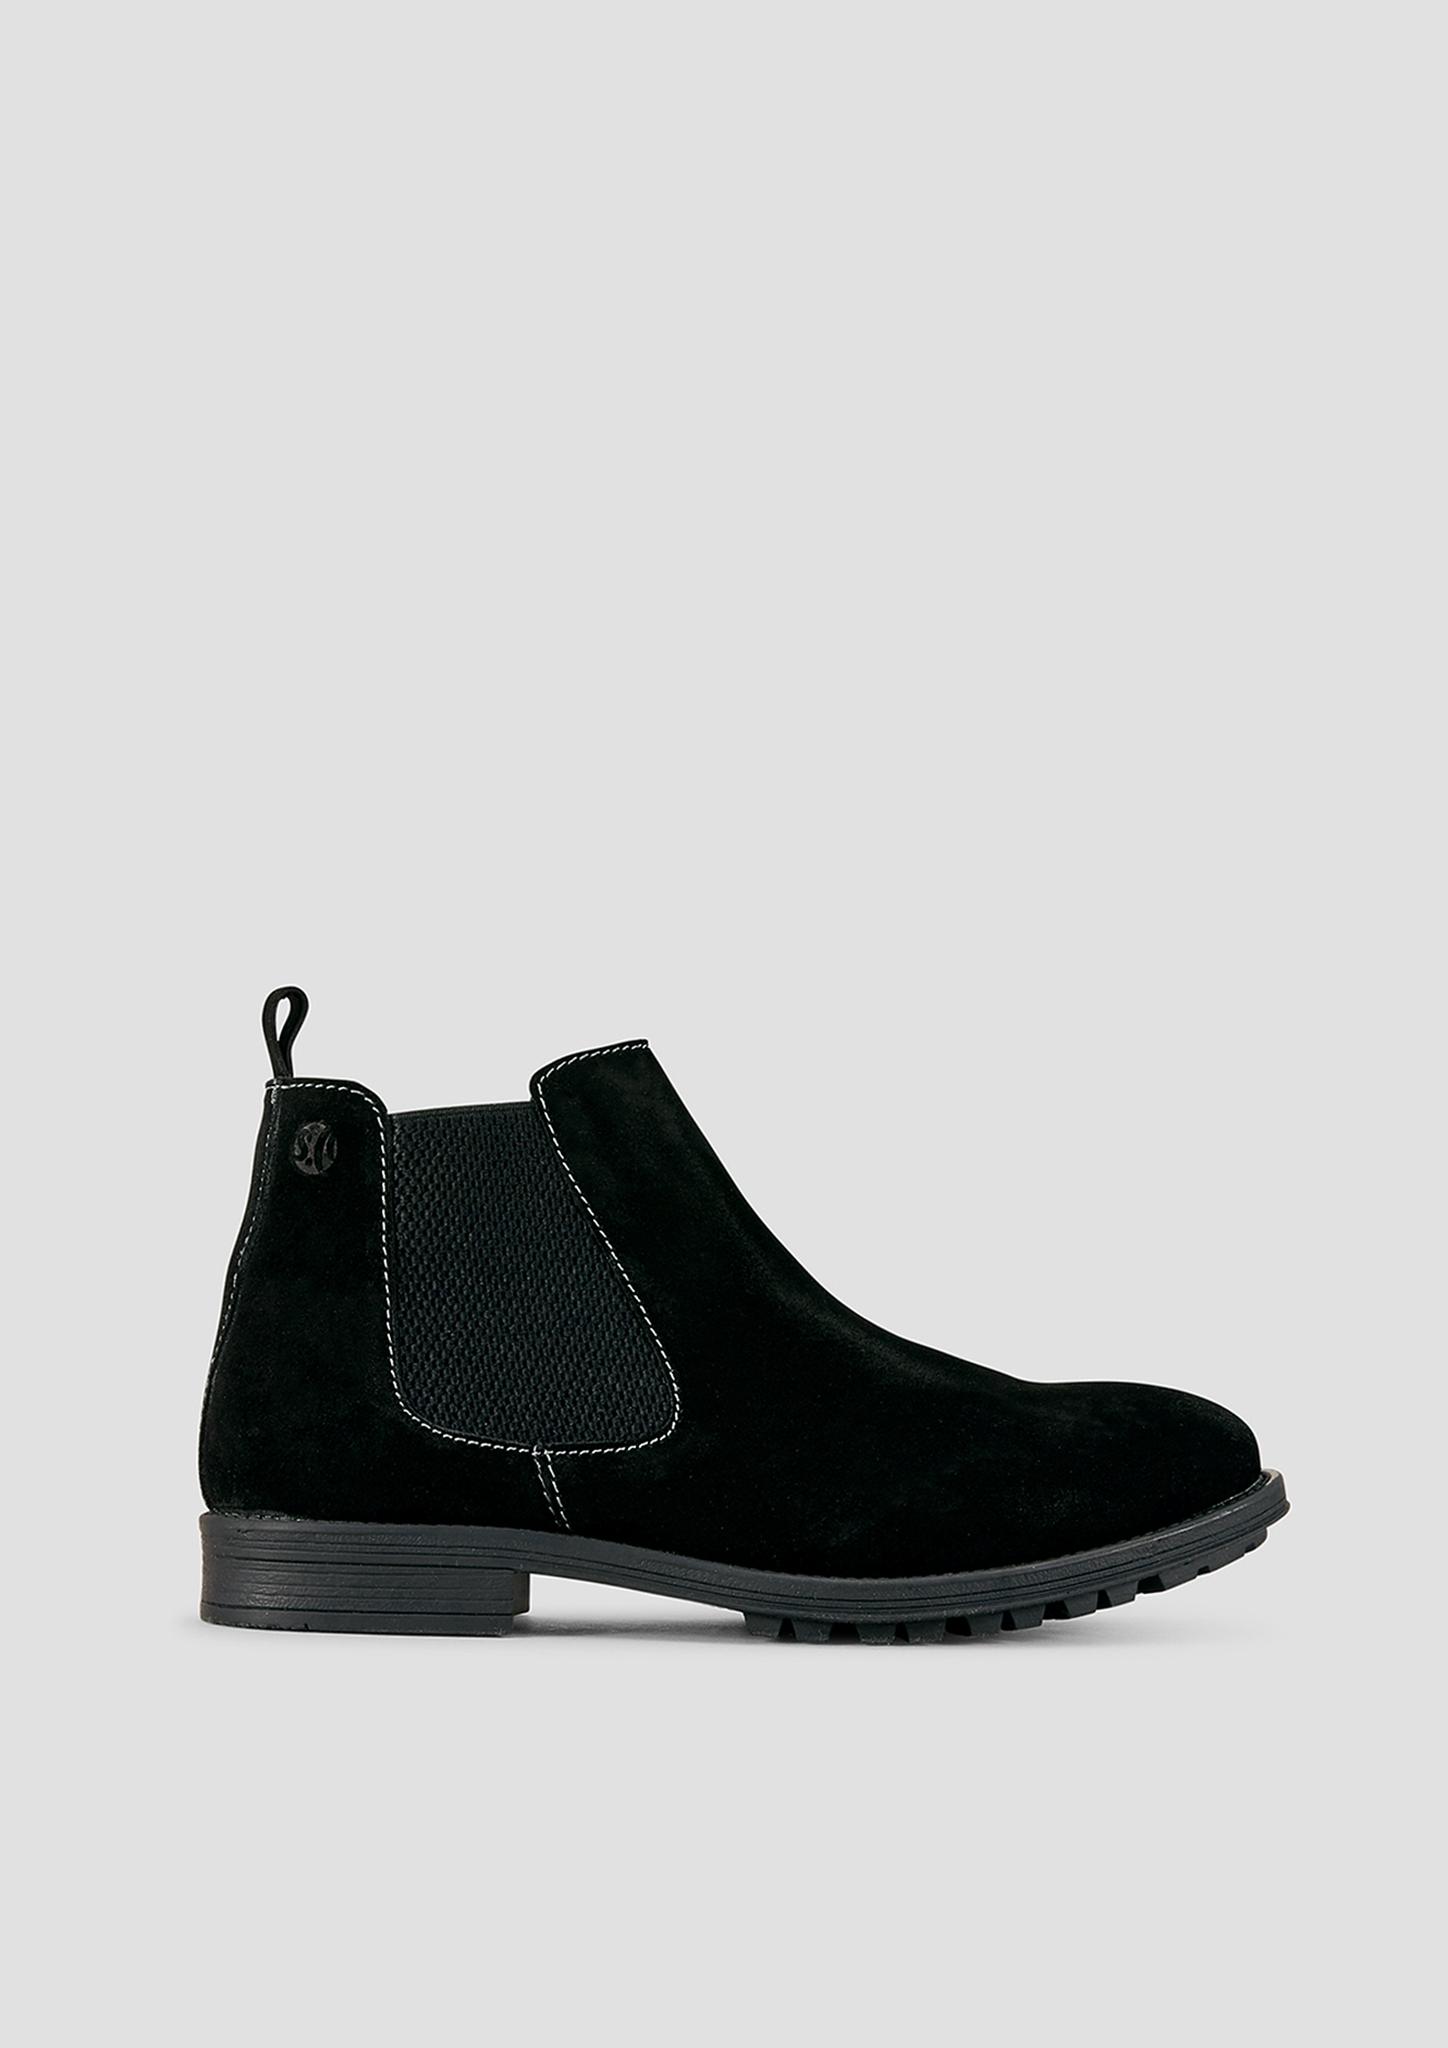 Stiefel | Schuhe > Boots > Stiefel | Schwarz | Obermaterial aus leder| futter aus textil und leder| decksohle aus leder| laufsohle aus synthetik | s.Oliver